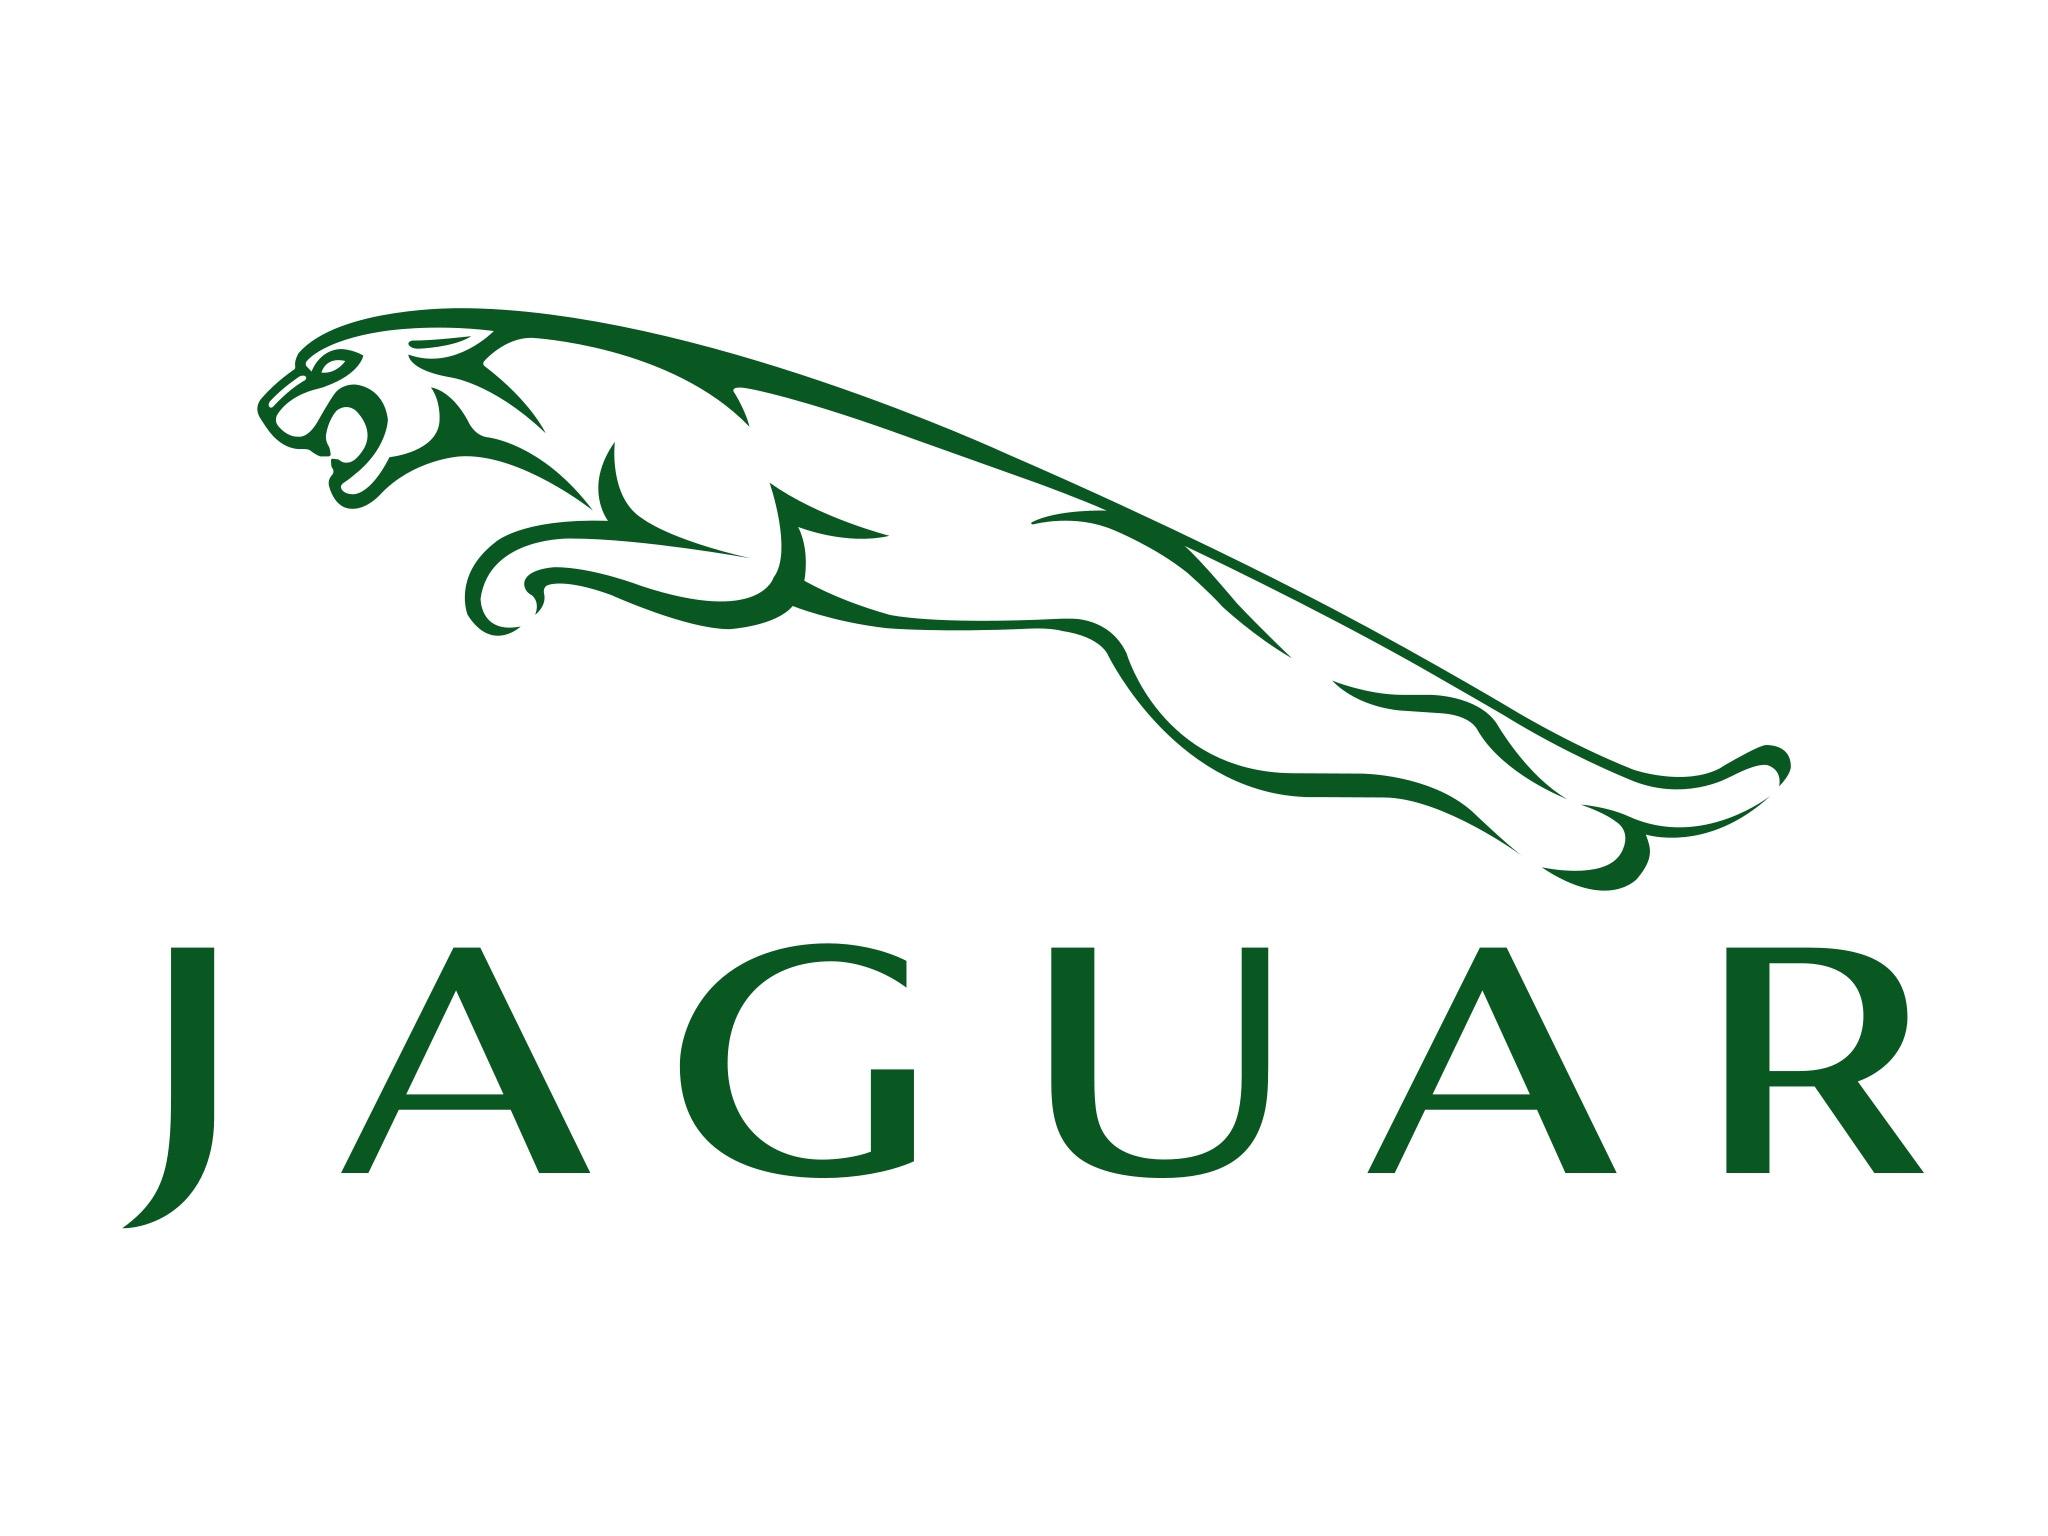 Jaguar car symbol